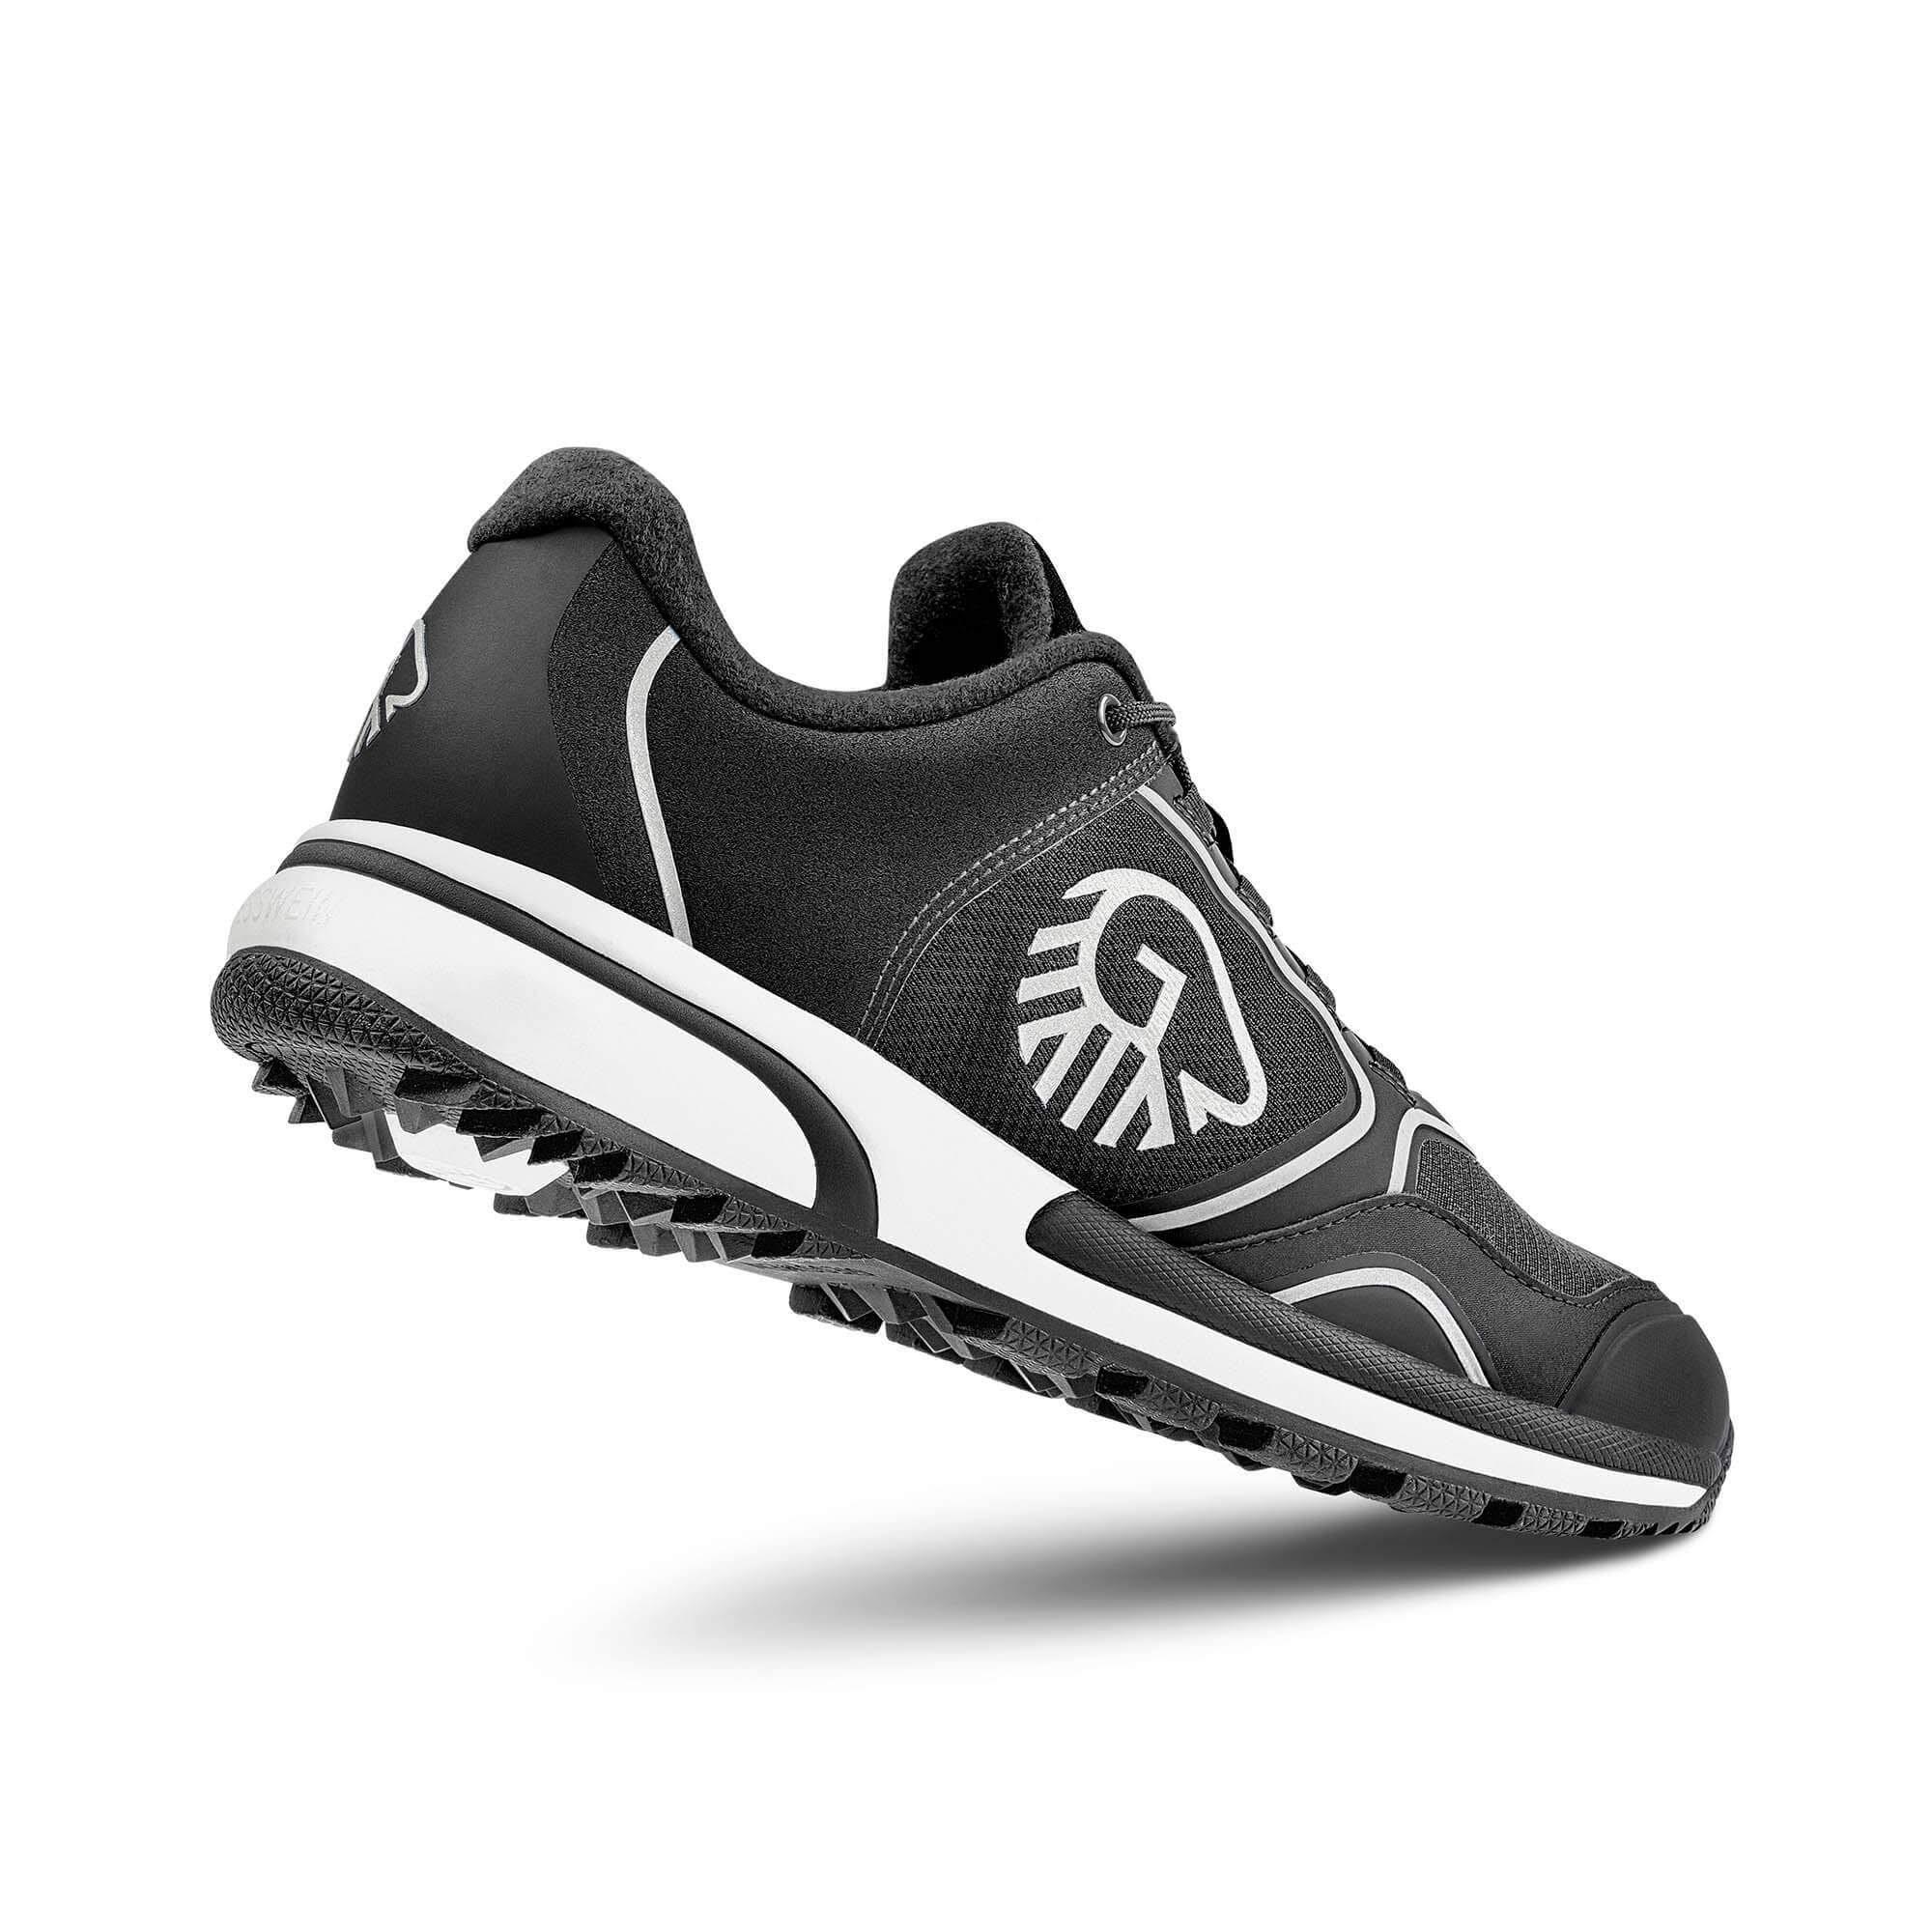 Läufer Schwarz Schuhe Farbe Größe X 45eu Eu45 Men Wool Cross Giesswein Schwarz 022 wgIzWX4qv